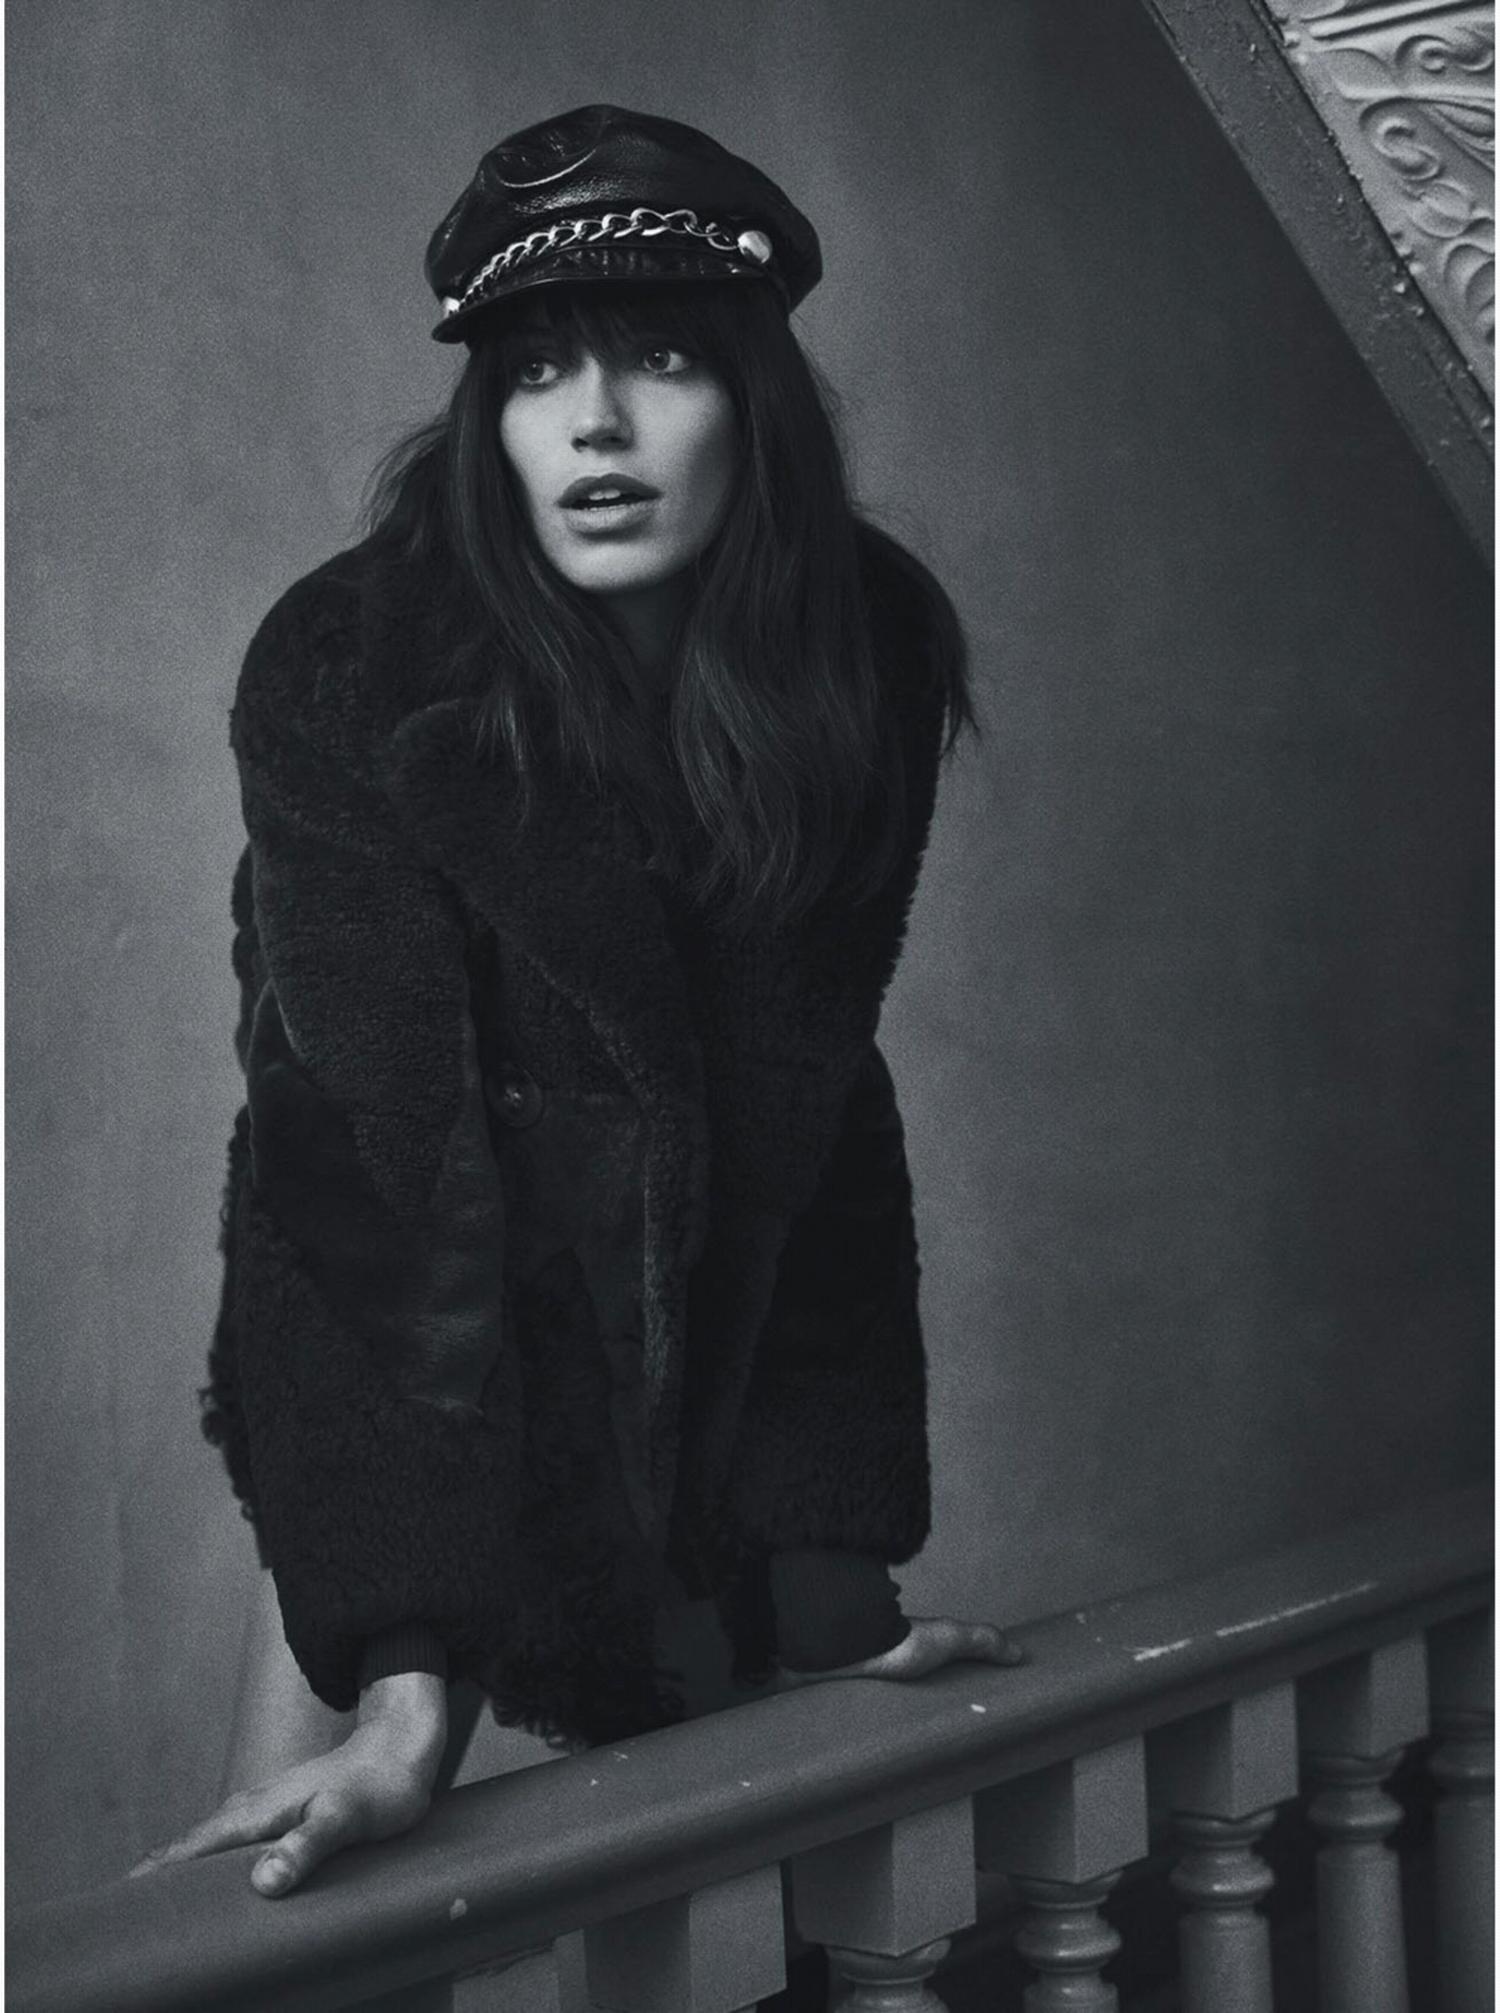 В стиле 70: черный полушубок с коротой юбкой.